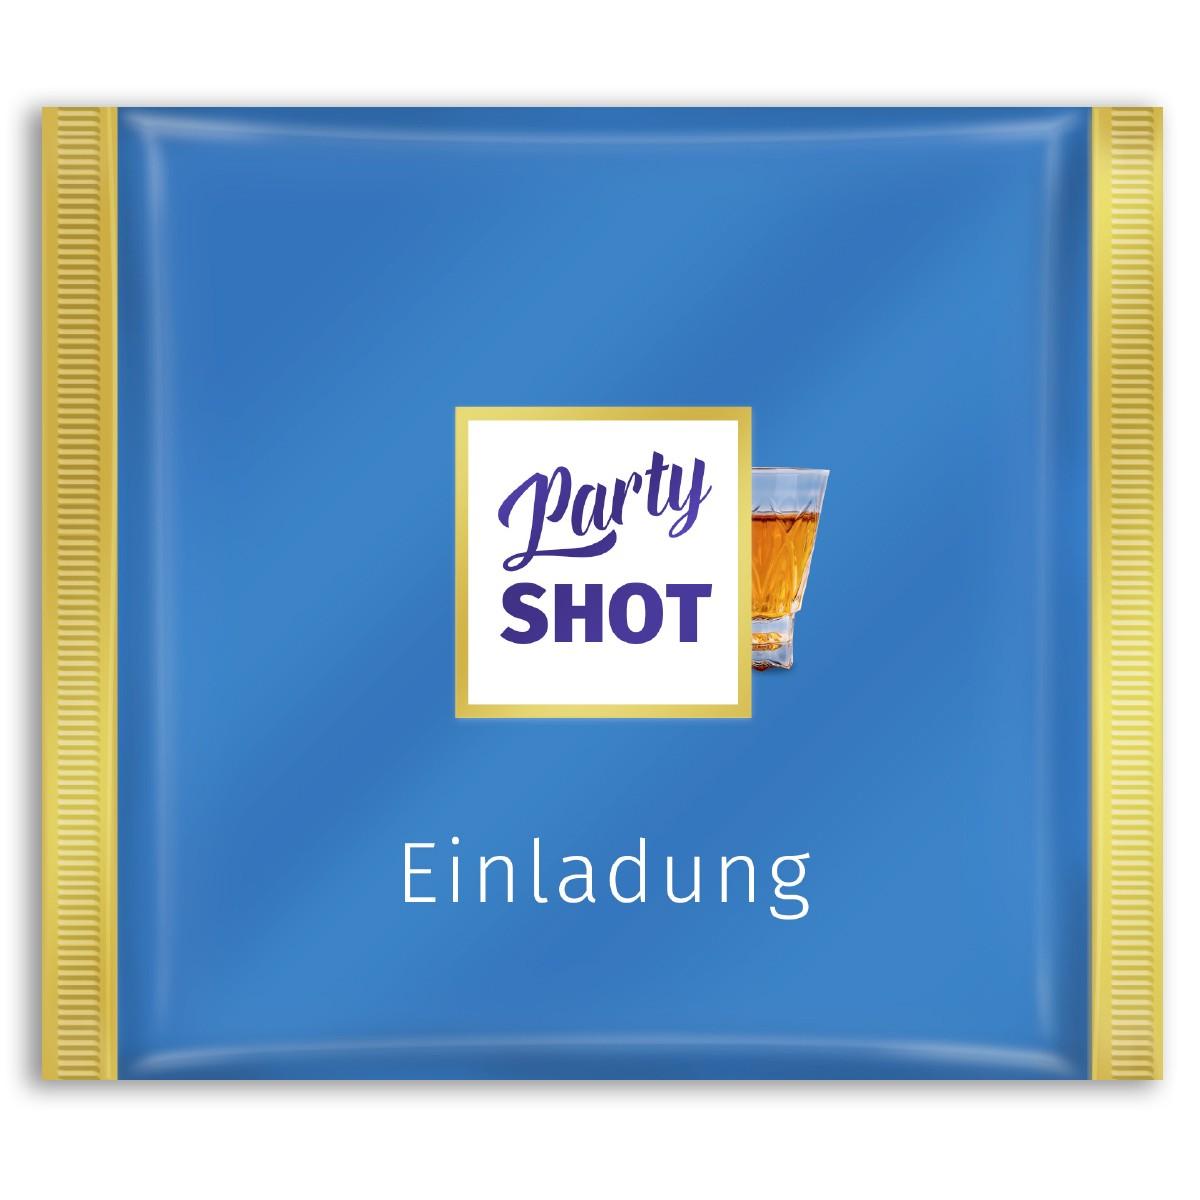 Einladungen Geburtstag: Einladungskarten Als Blaue Schokolade Bestellen